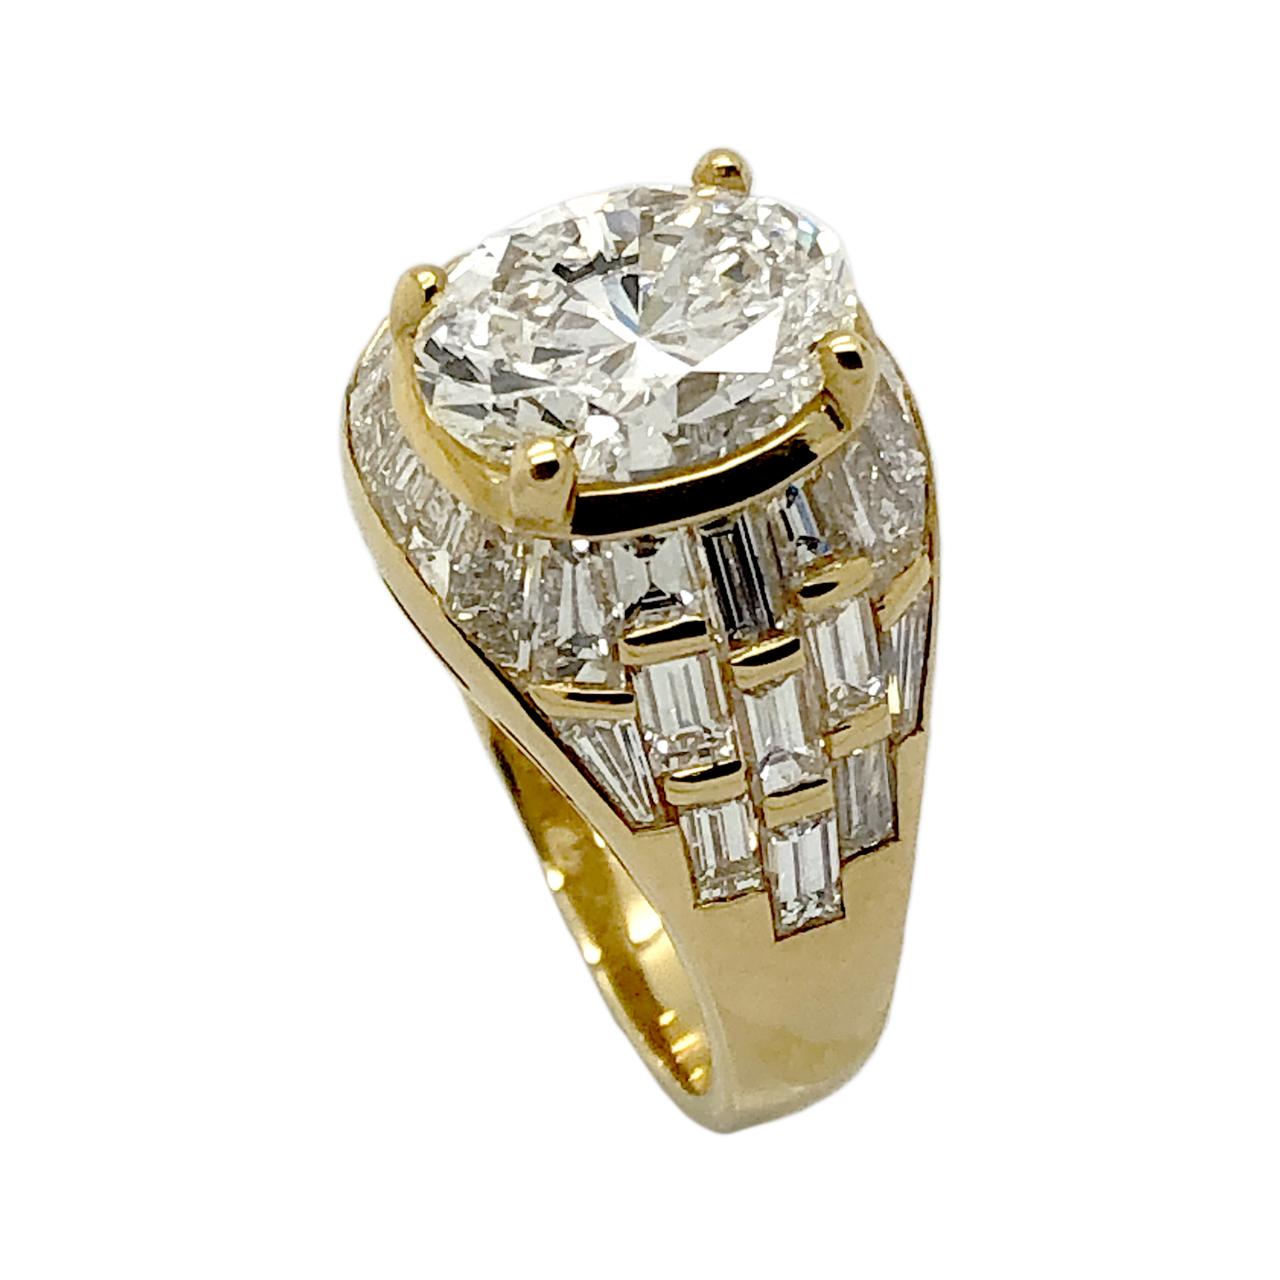 Bulgari Trombino ring